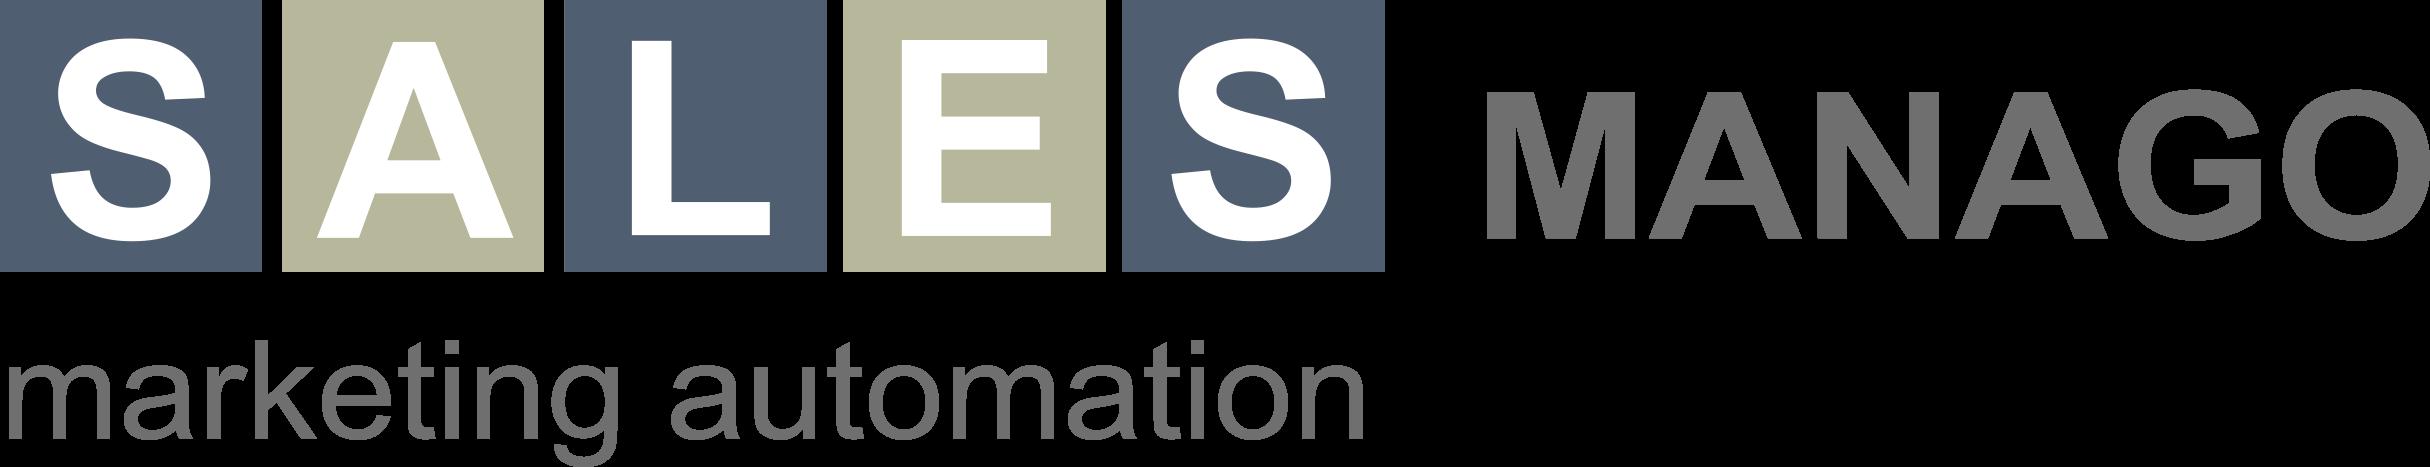 salesmanago_logo_2